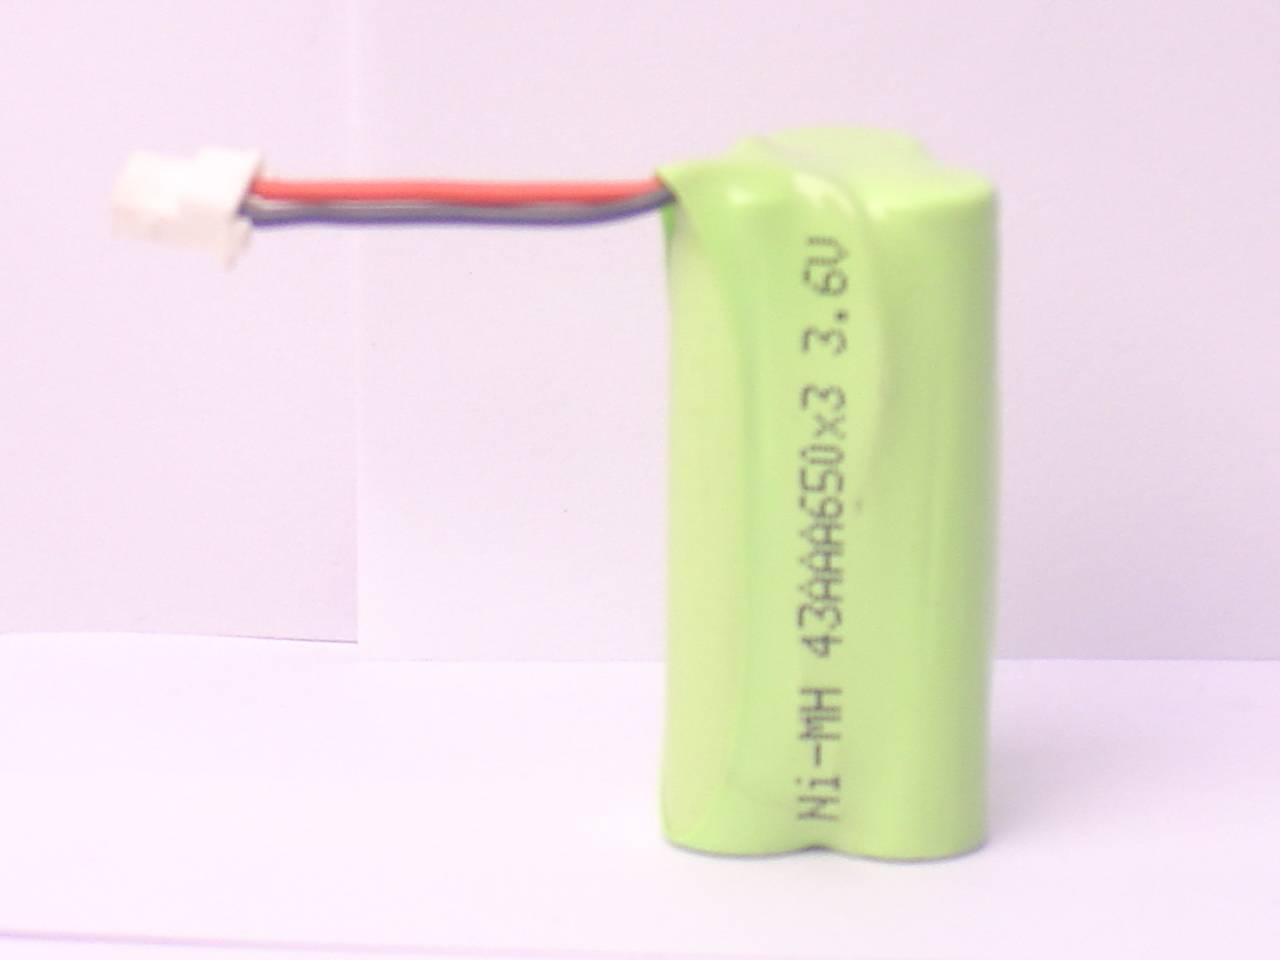 1.2V AAA 500mAh 600mAh 700mAh 800mAh Nimh battery